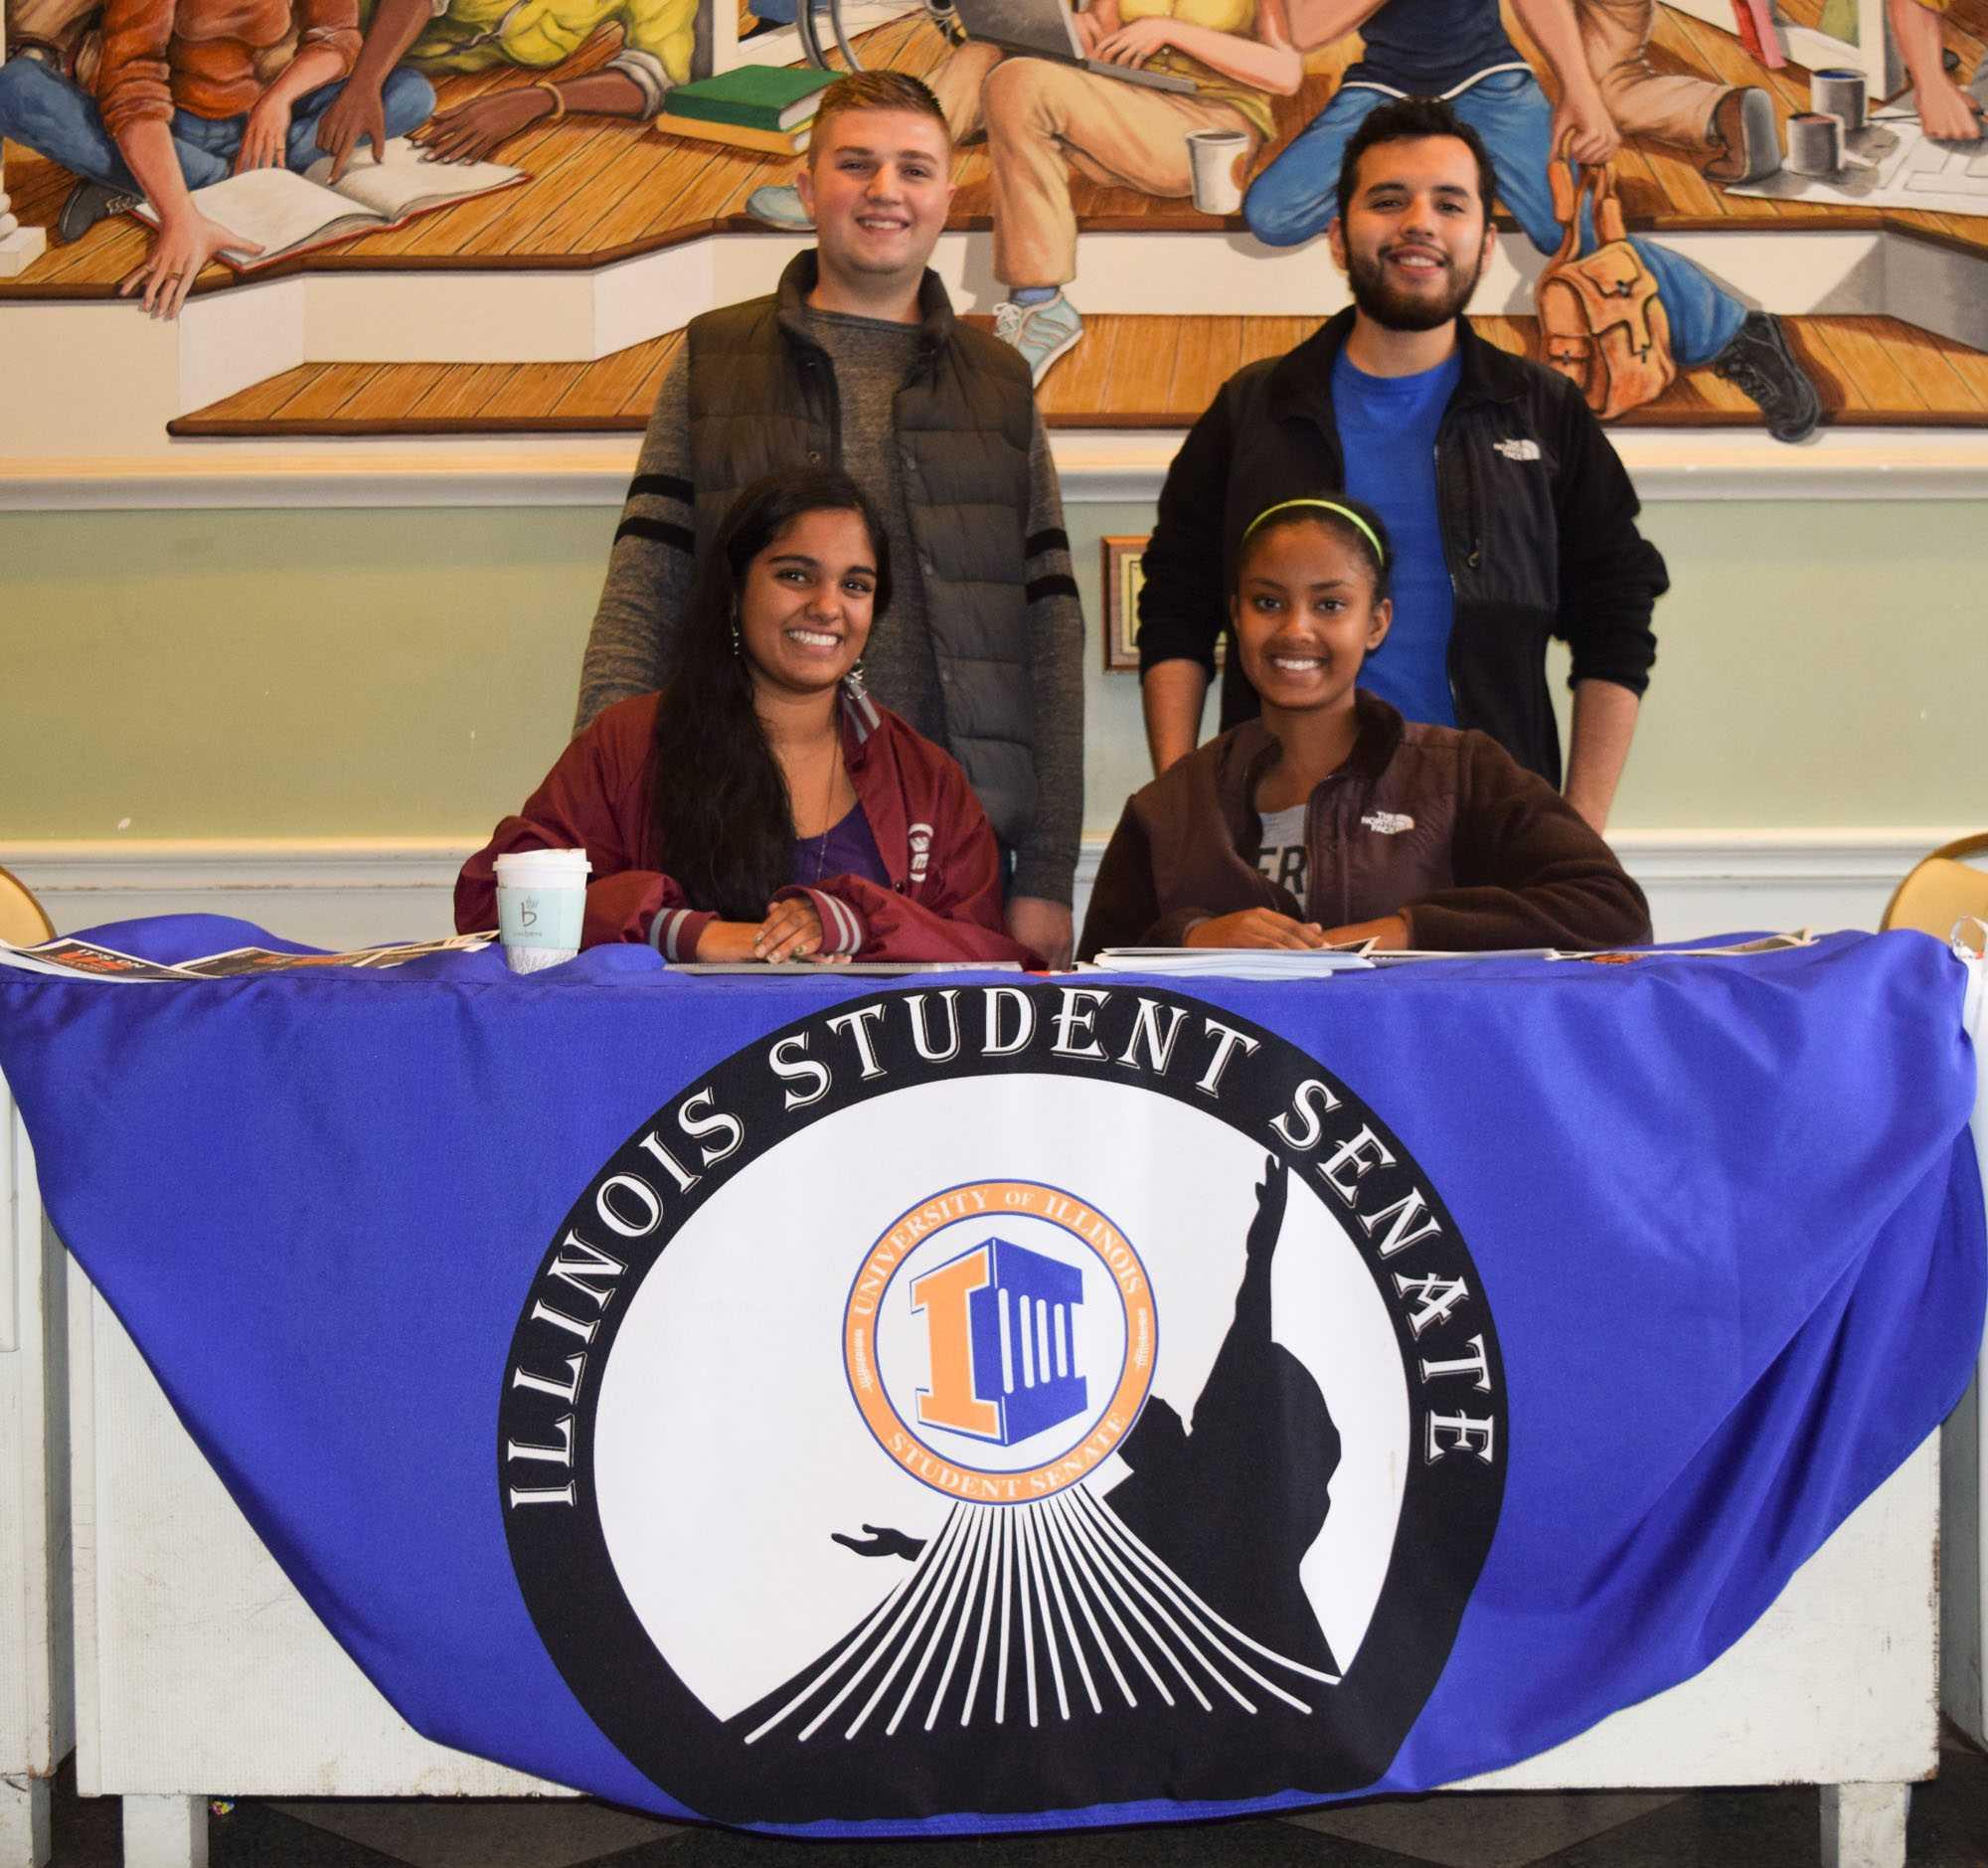 Matt Hill (top left), Moises Contreras (top right), Tara Chattoraj (bottom left), and Raneem Shamseldin (bottom right)